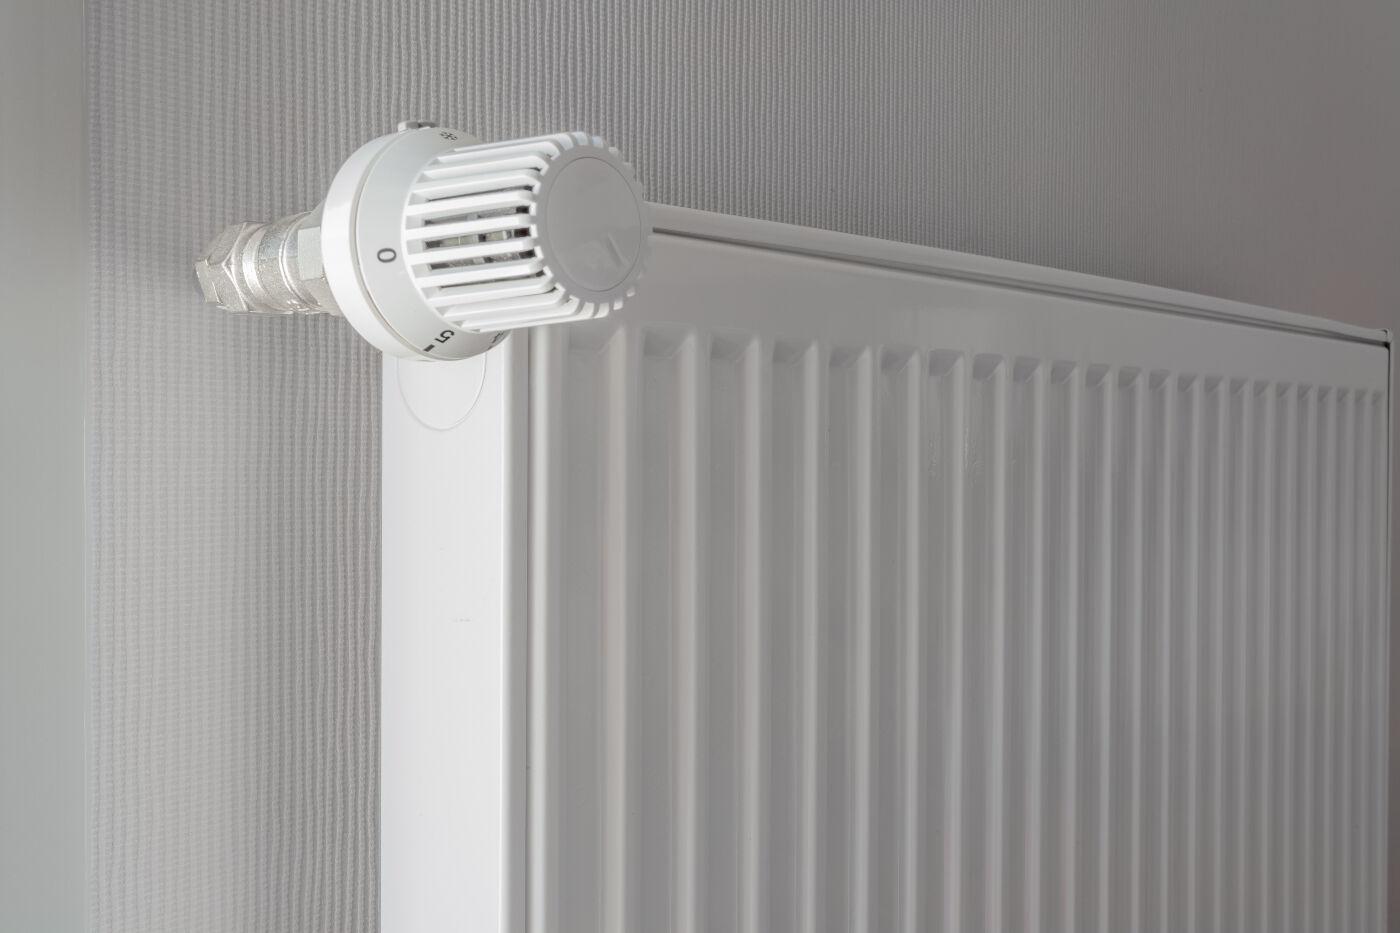 Comment fonctionne un robinet thermostatique de radiateur ?